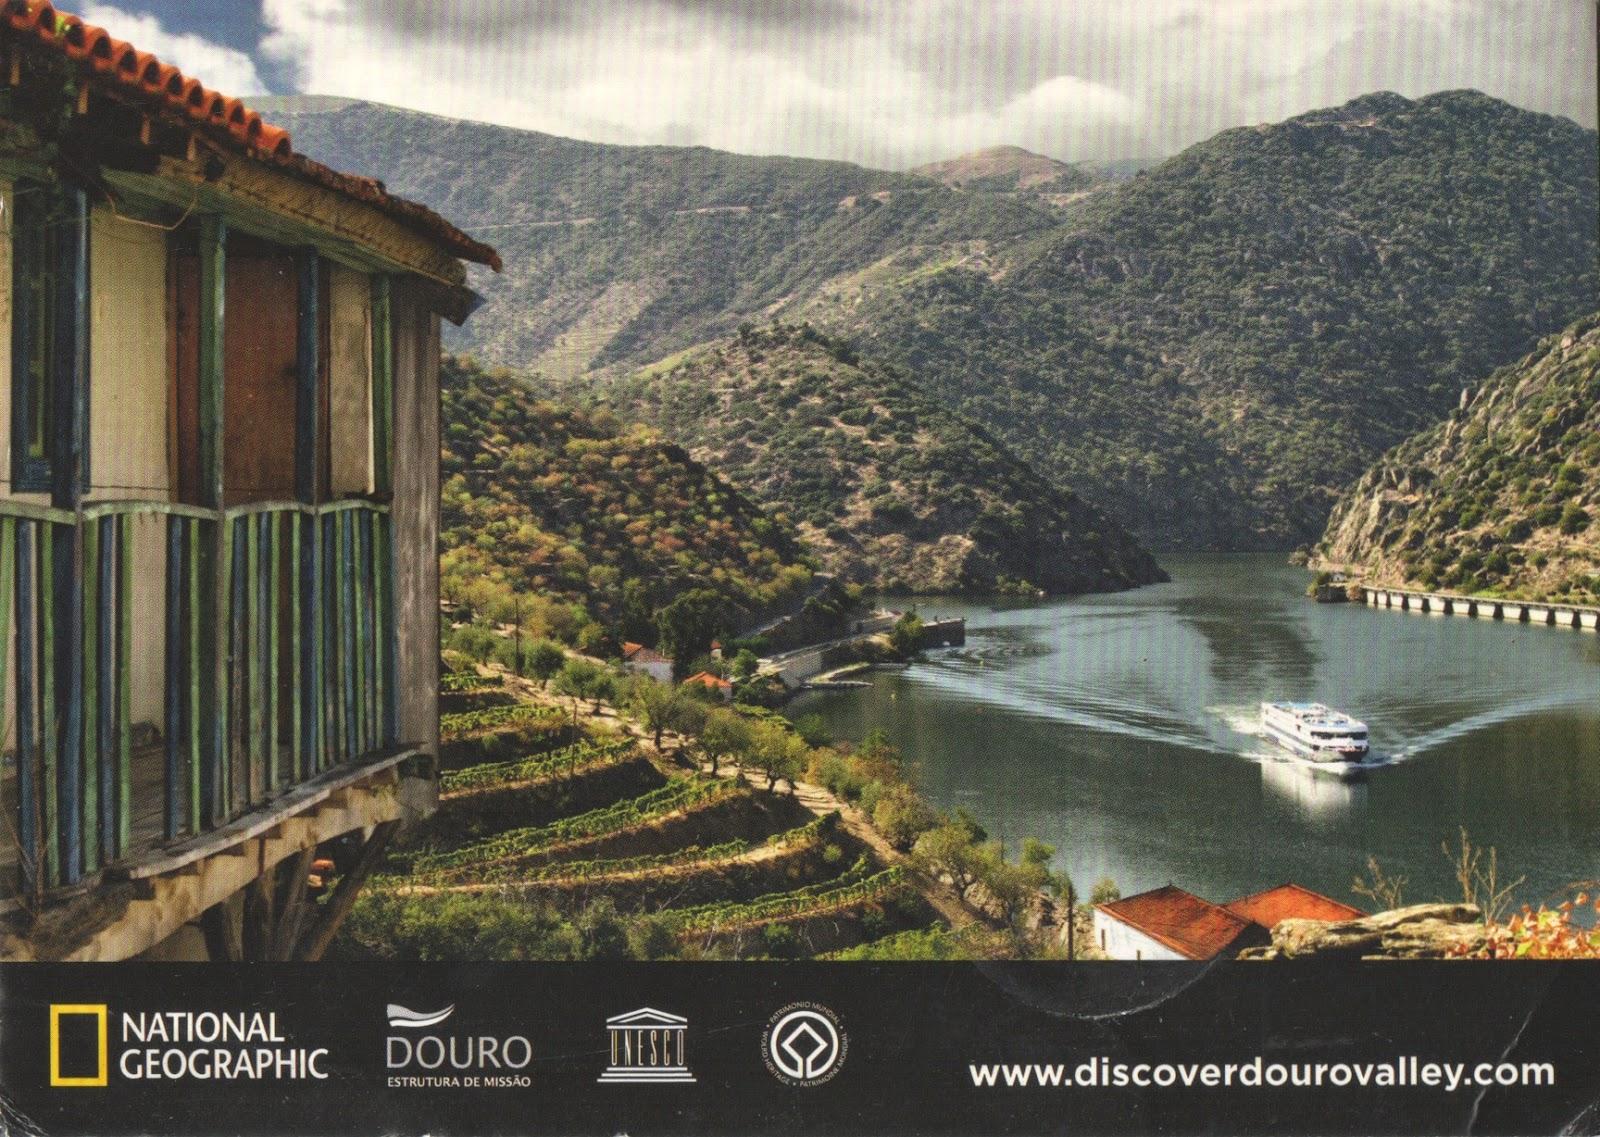 Concursos de fotografia em portugal 2013 35